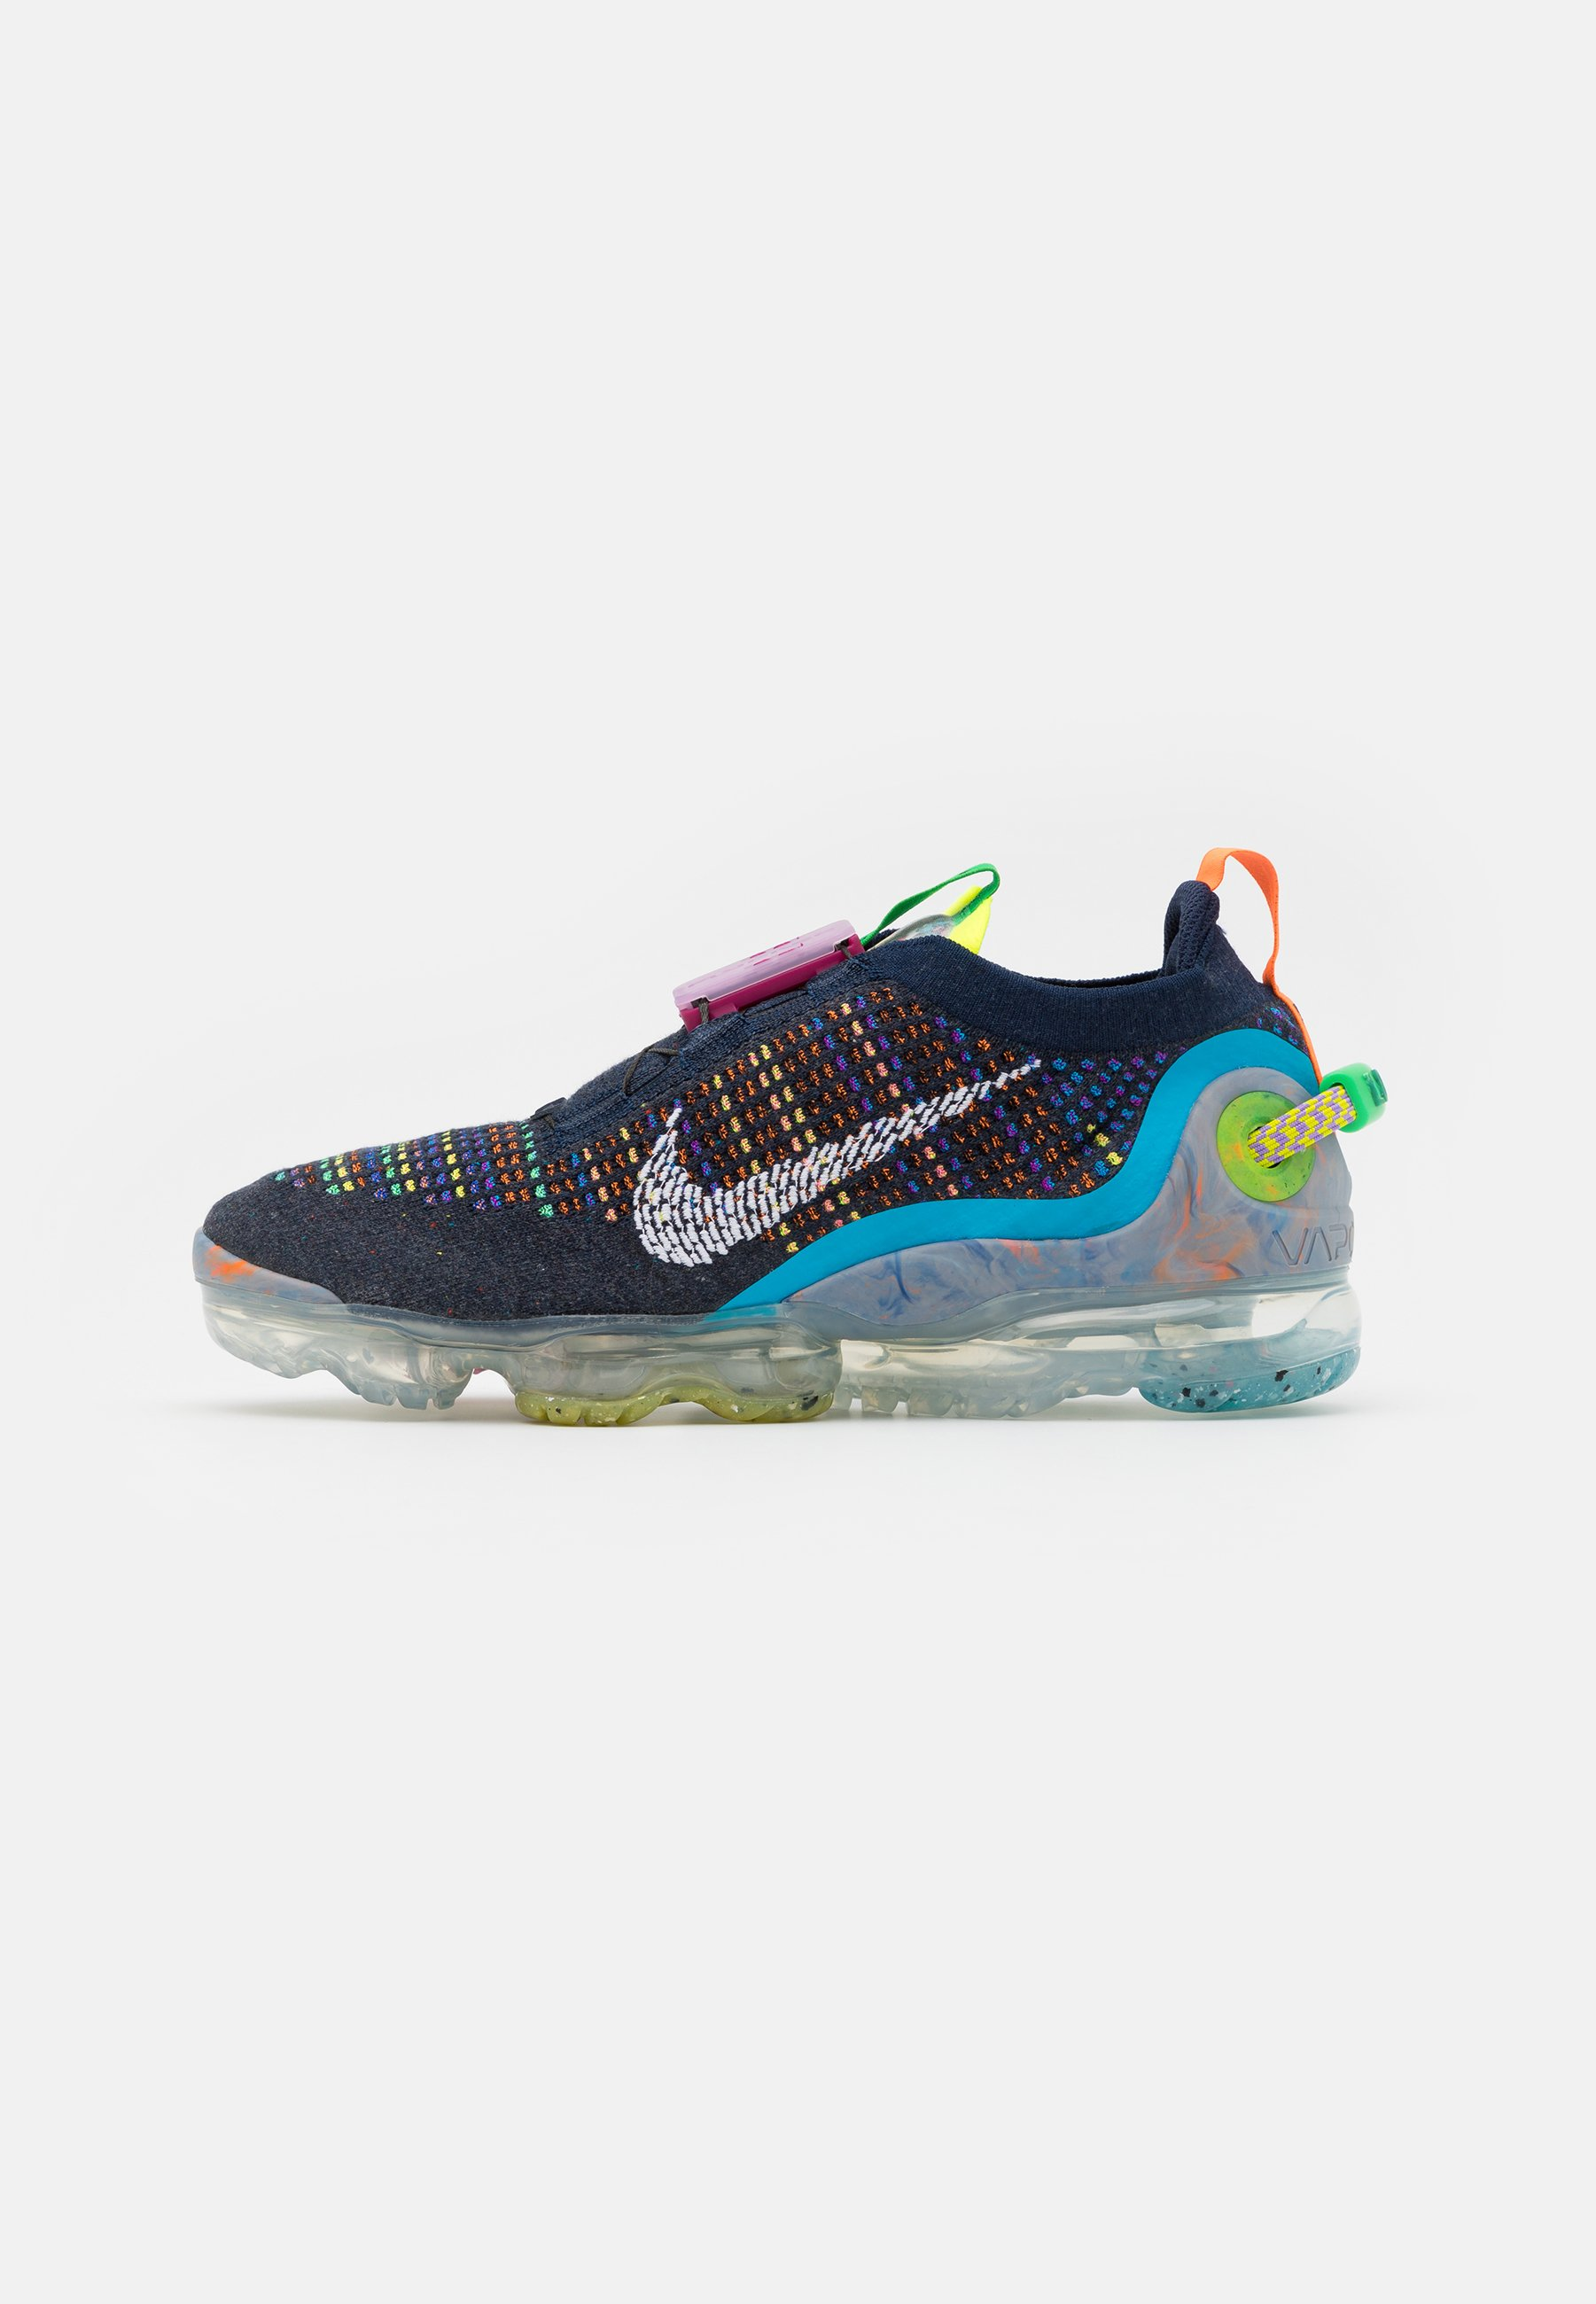 Daftar Harga Sepatu Nike Vapormax Nike Terbaru Maret 2020